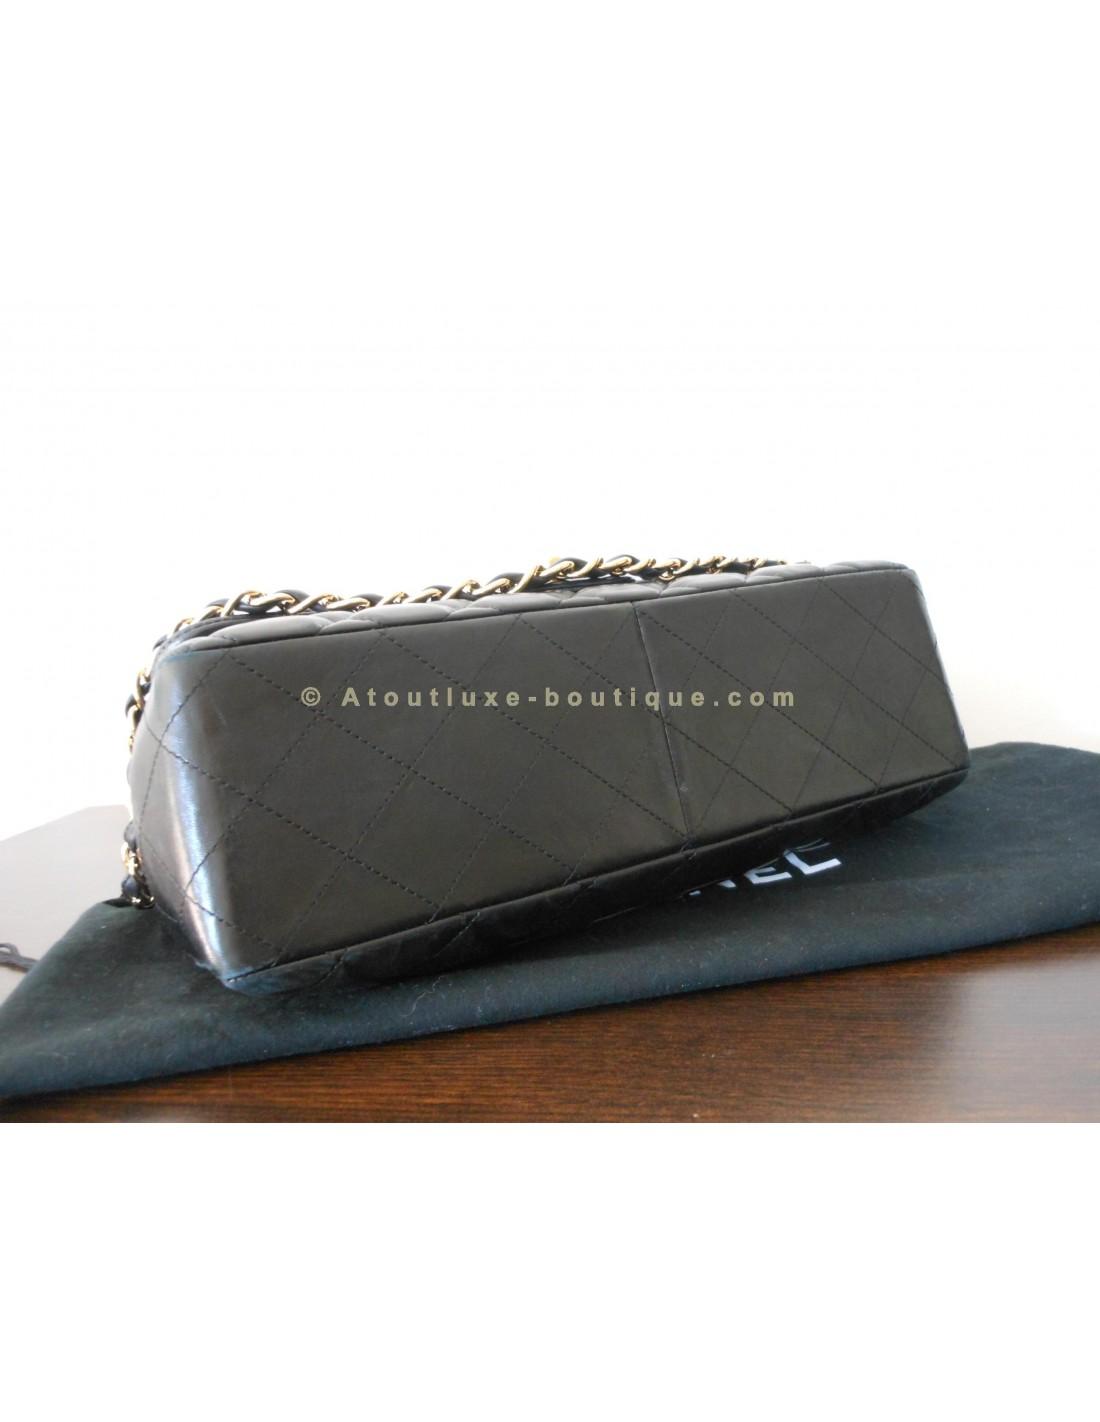 SAC CHANEL MADEMOISELLE NOIR GRAND MODELE - Atoutluxe Boutique da1894506d2